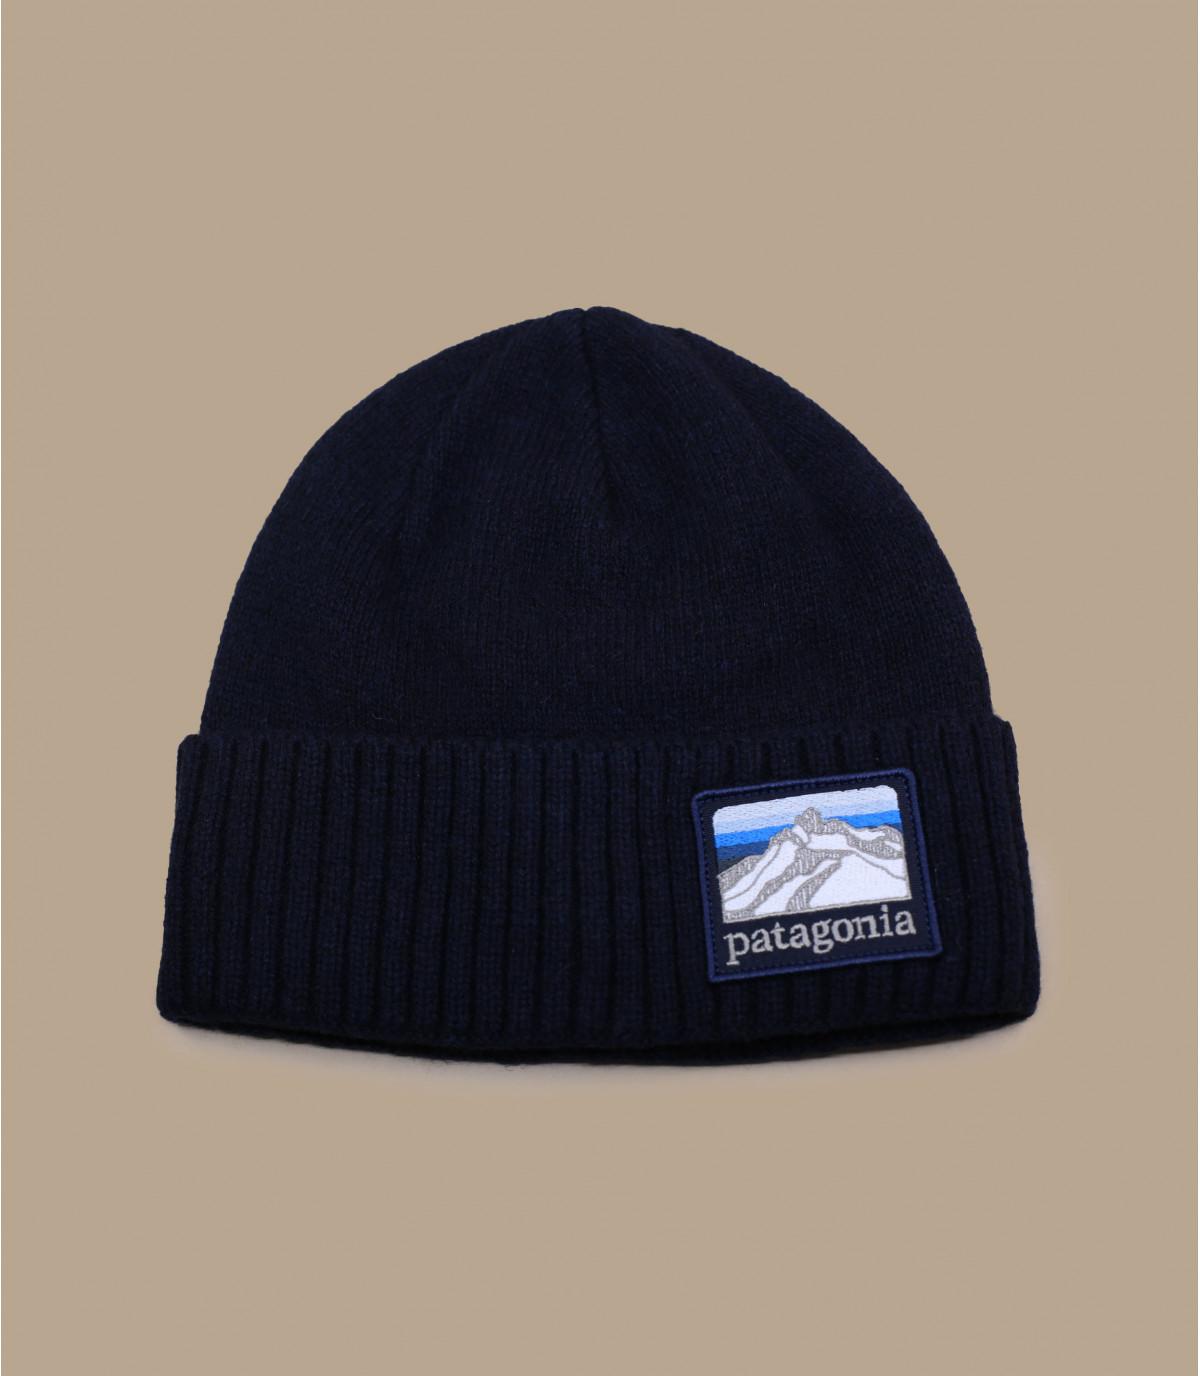 correspondant en couleur styles de variété de 2019 aperçu de Brodeo beanie navy blue